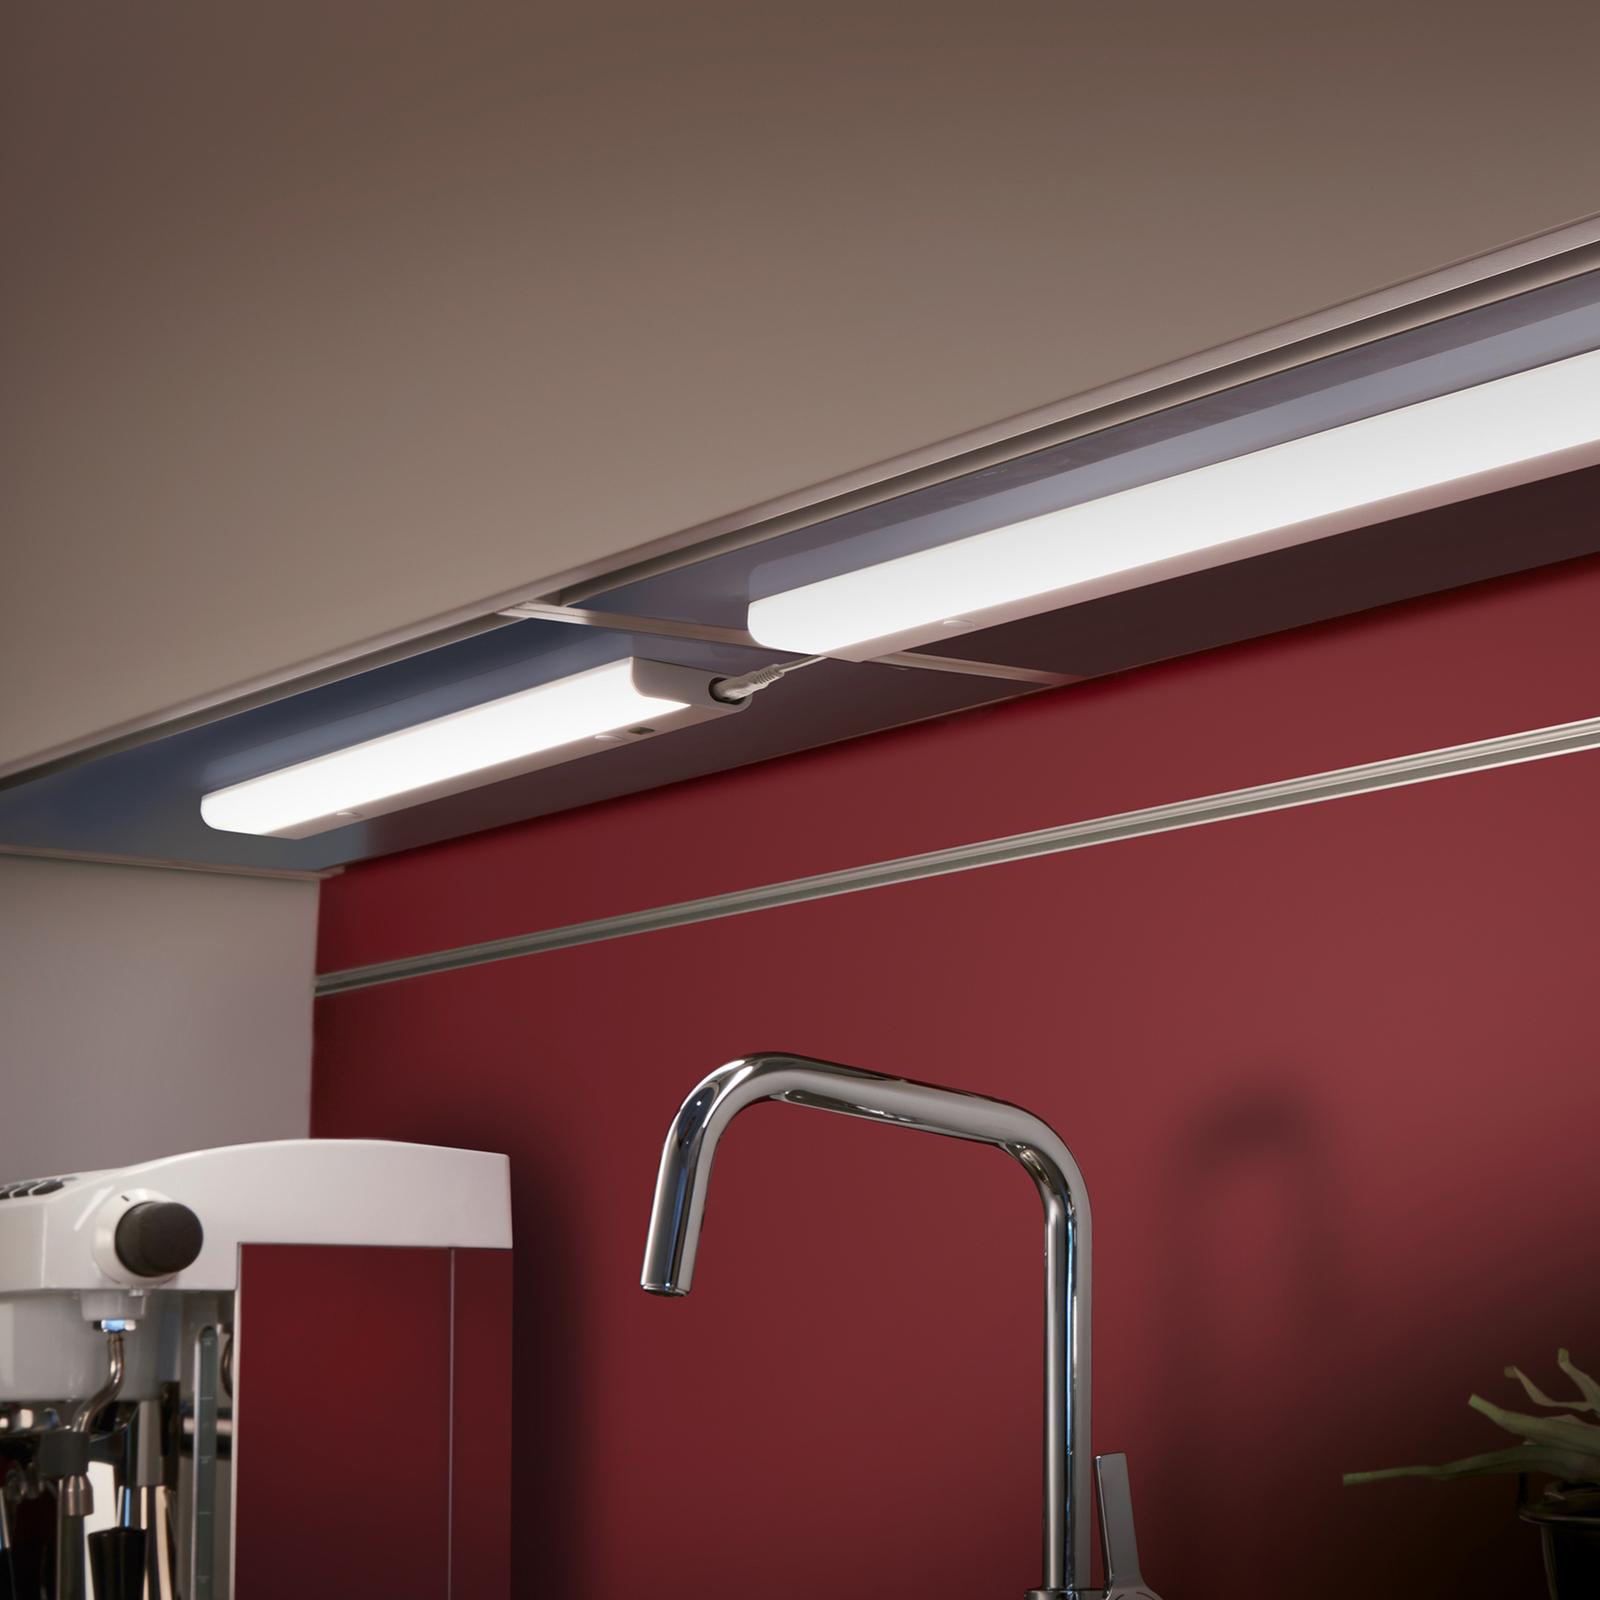 LED-kaapinalusvalaisin Simeo, 52 cm pitkä